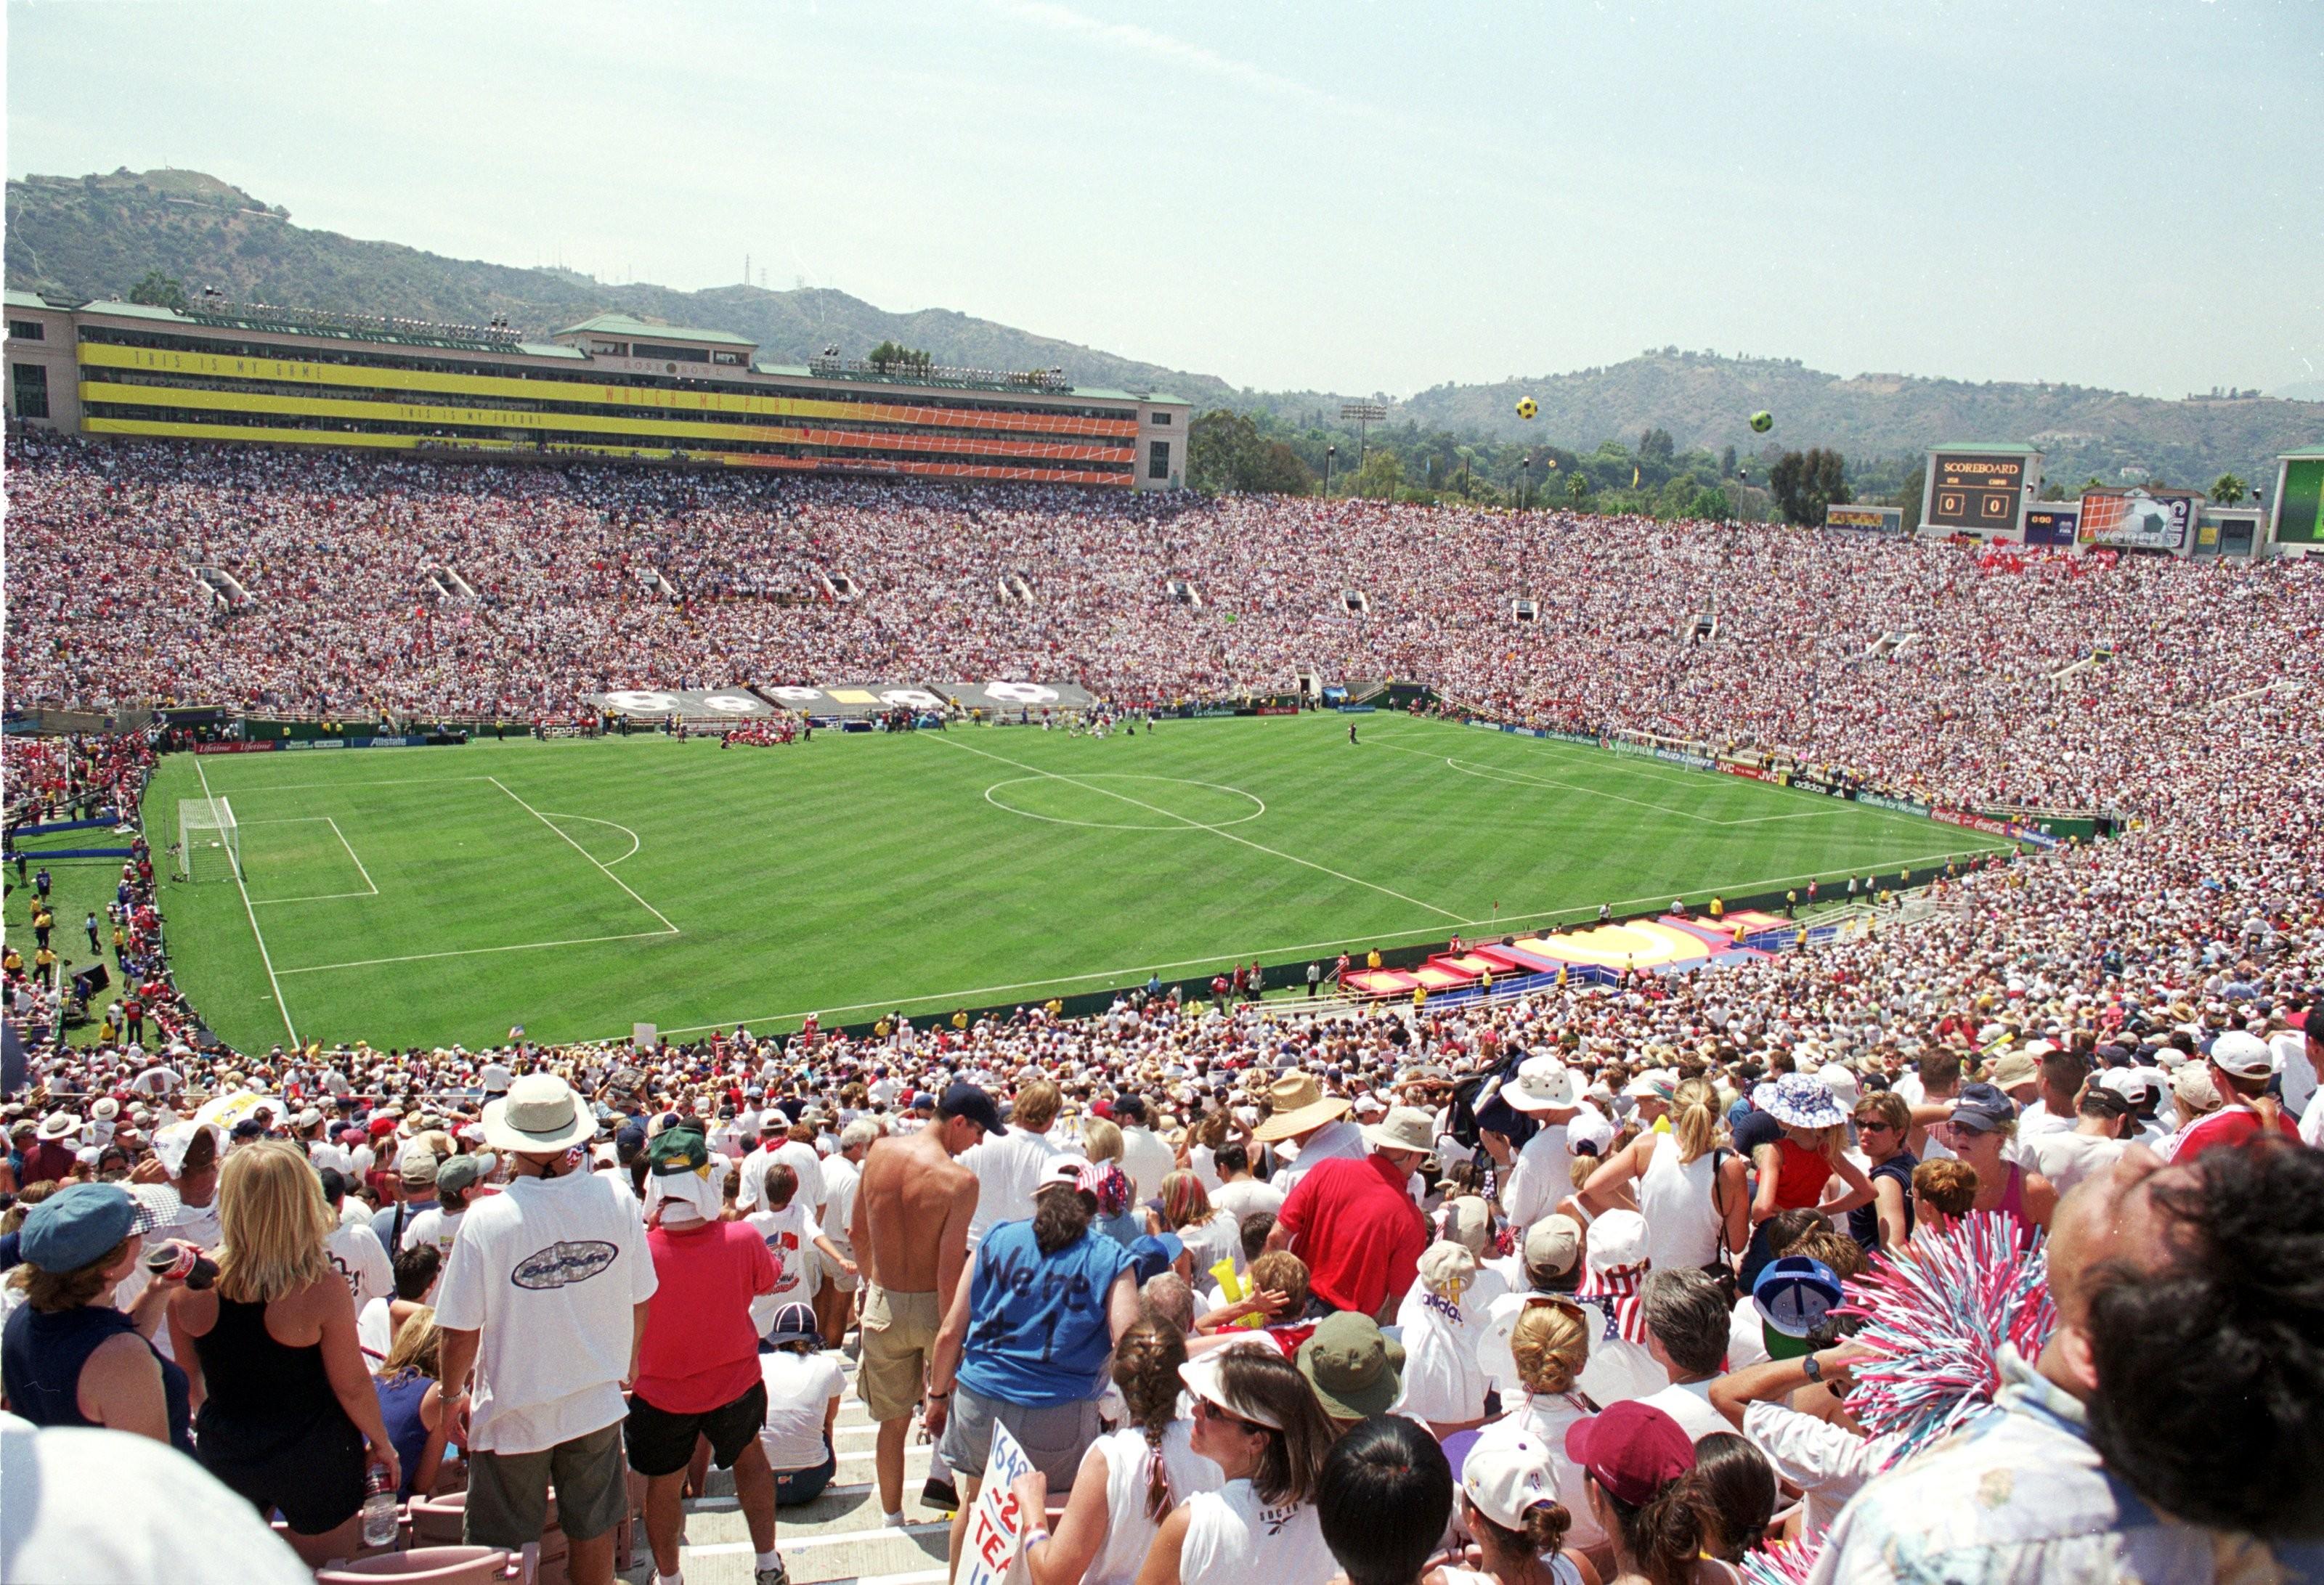 O lendário estádio Rose Bowl, em Pasadena, nos EUA, durante a final da Copa do Mundo de Futebol Feminino, em 1999 (Foto: Foto: Getty Images)